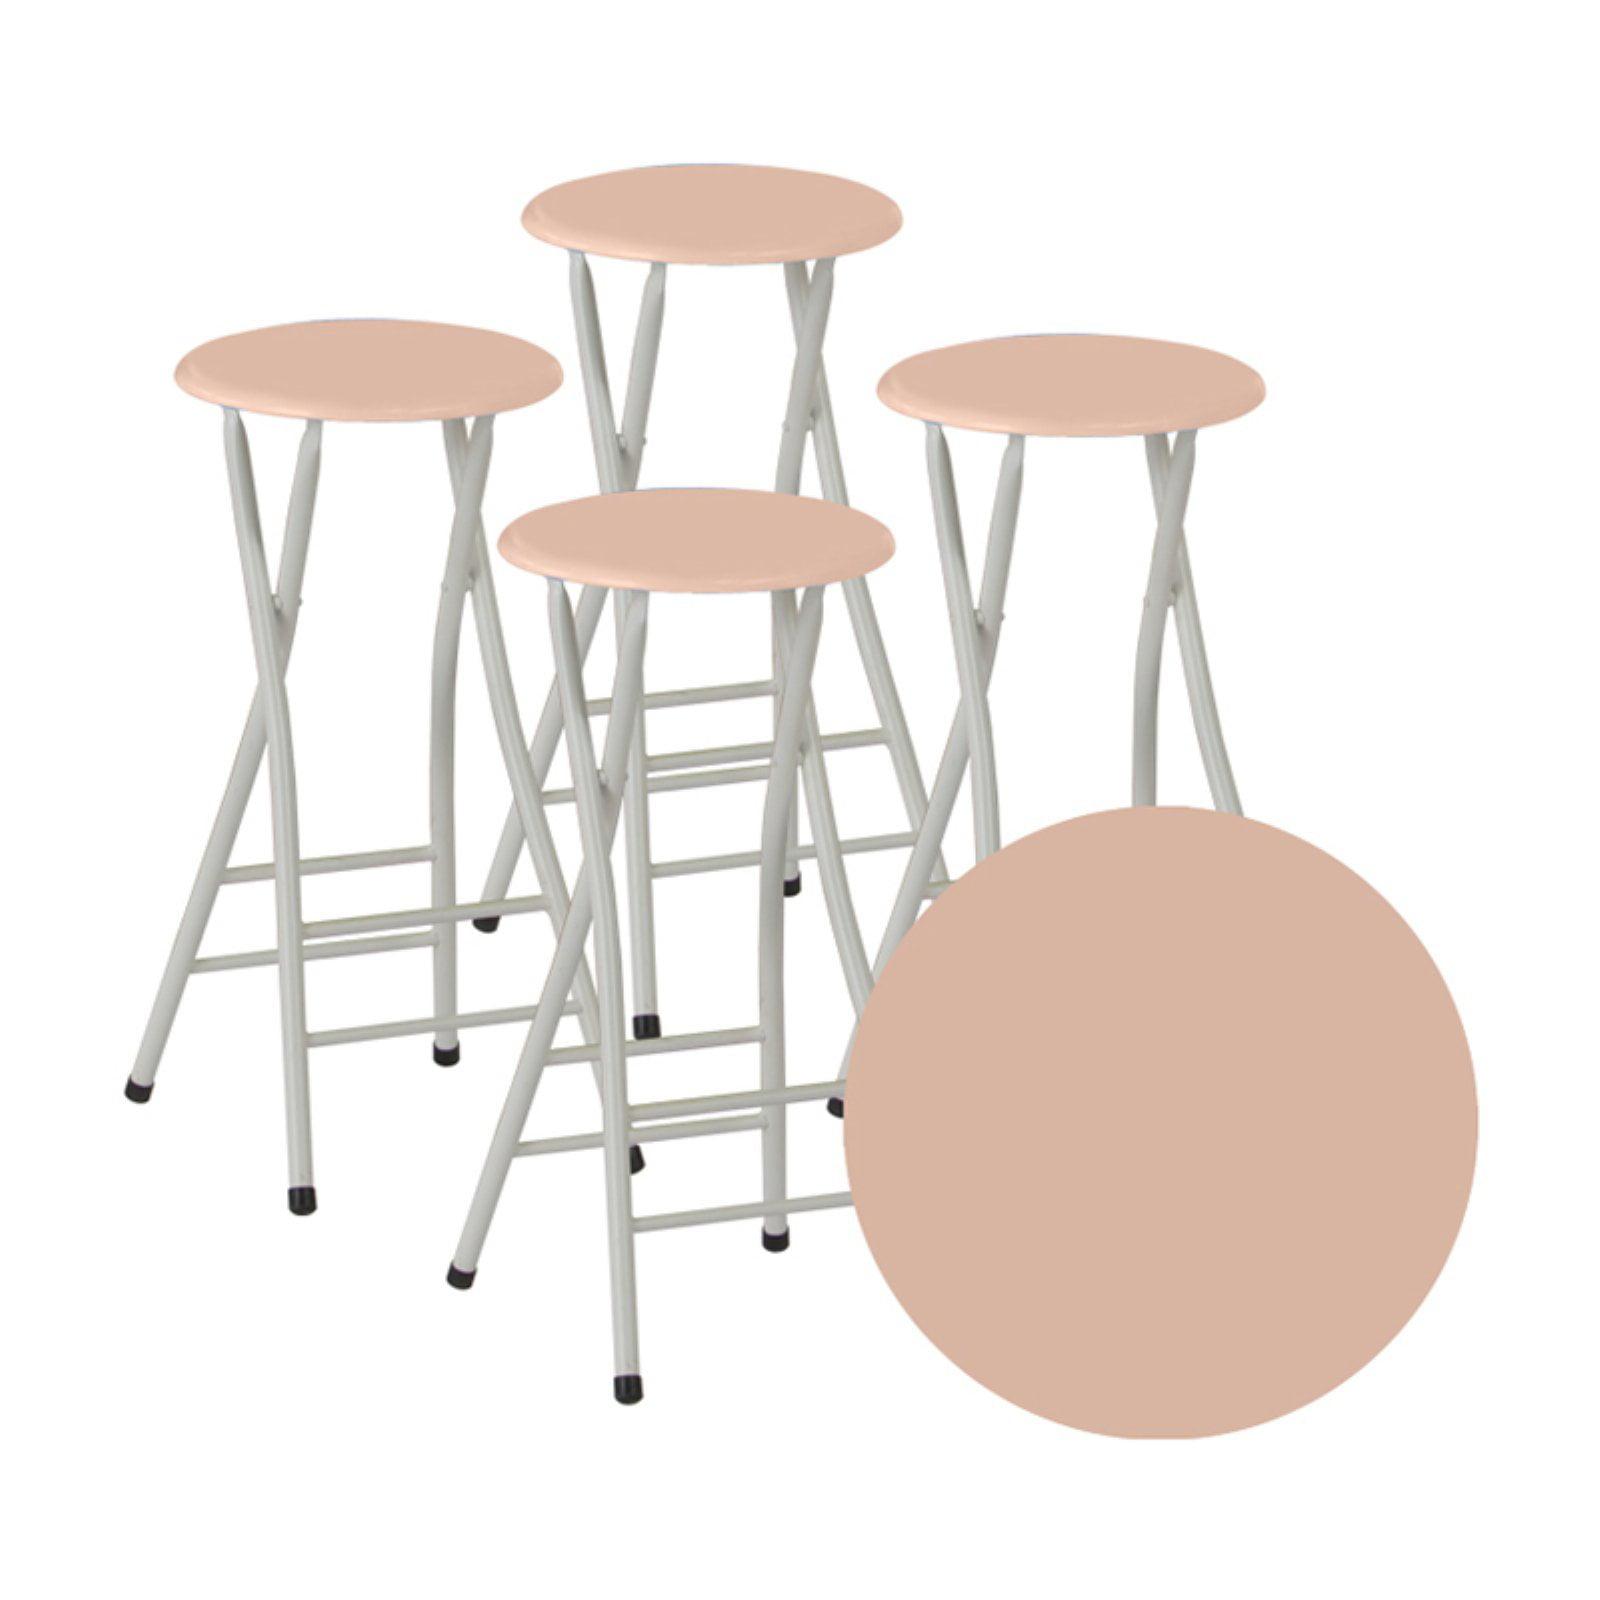 Best of Times Indoor/Outdoor Barstools - Set of 4